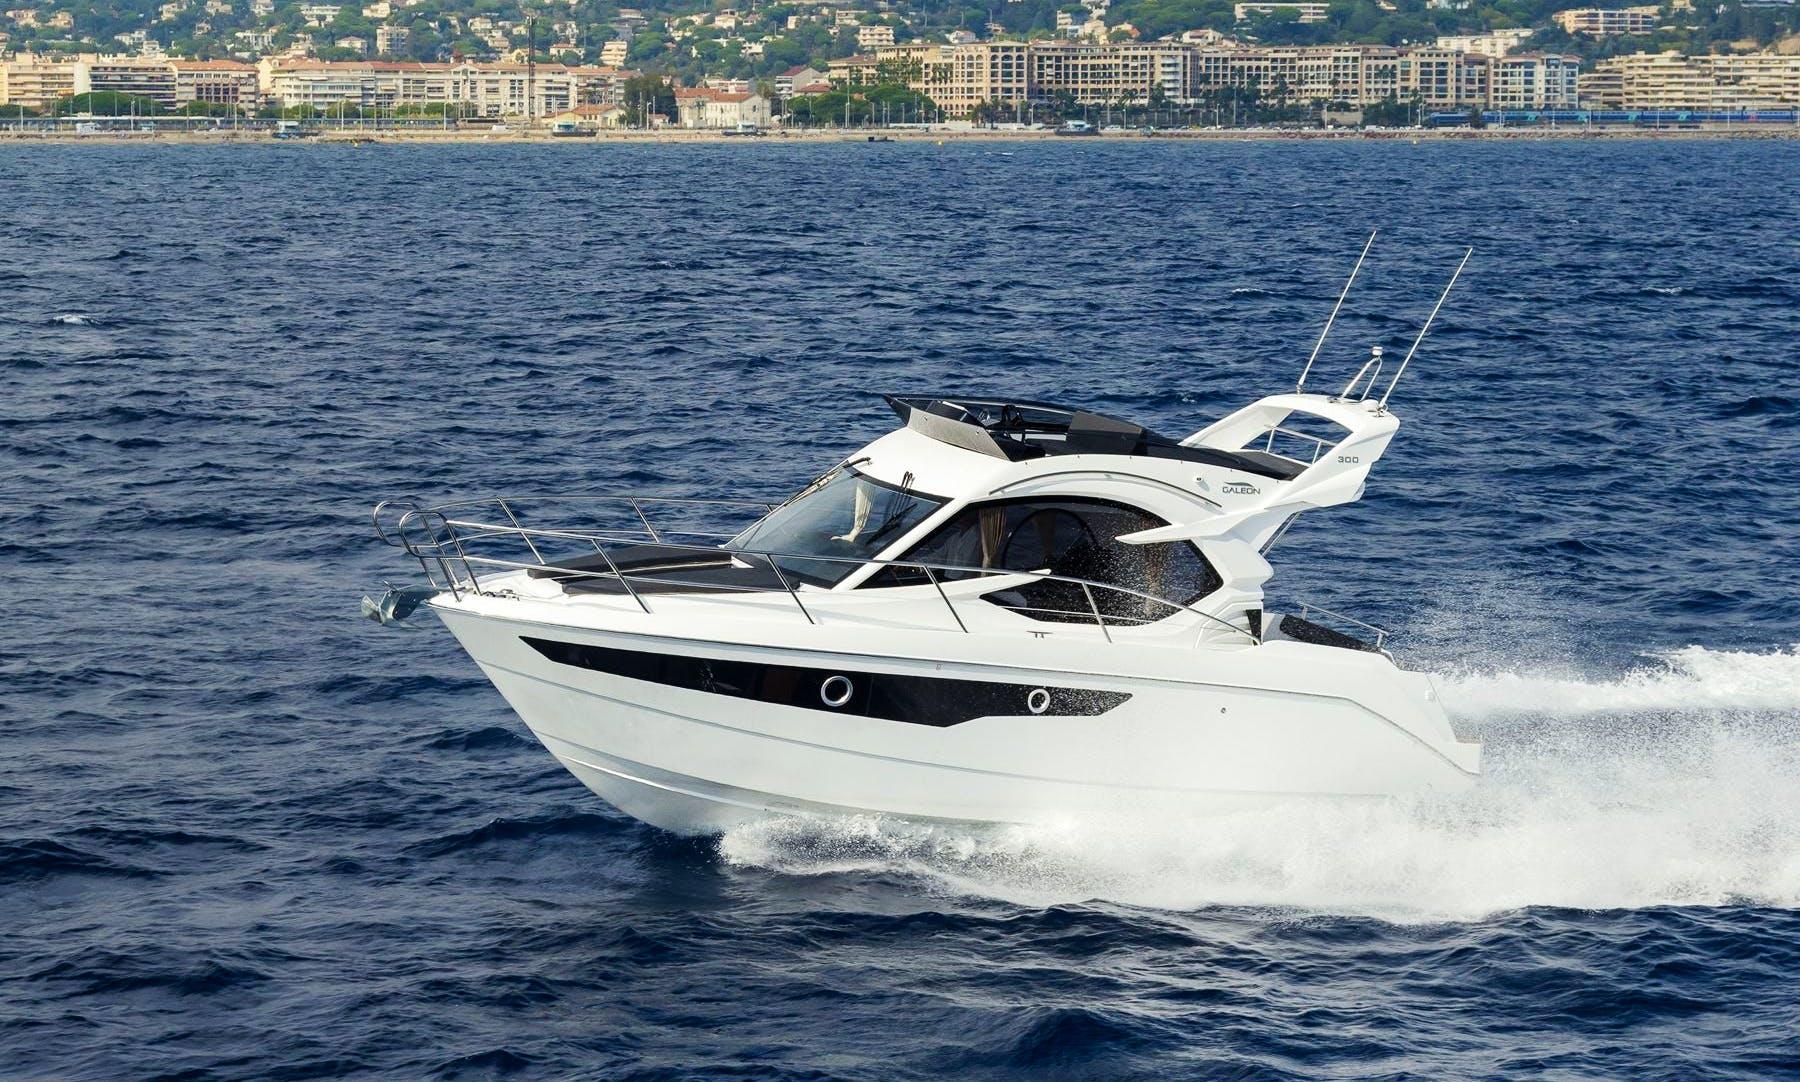 30' Motor Yacht Rental in Midi-Pyrénées, France